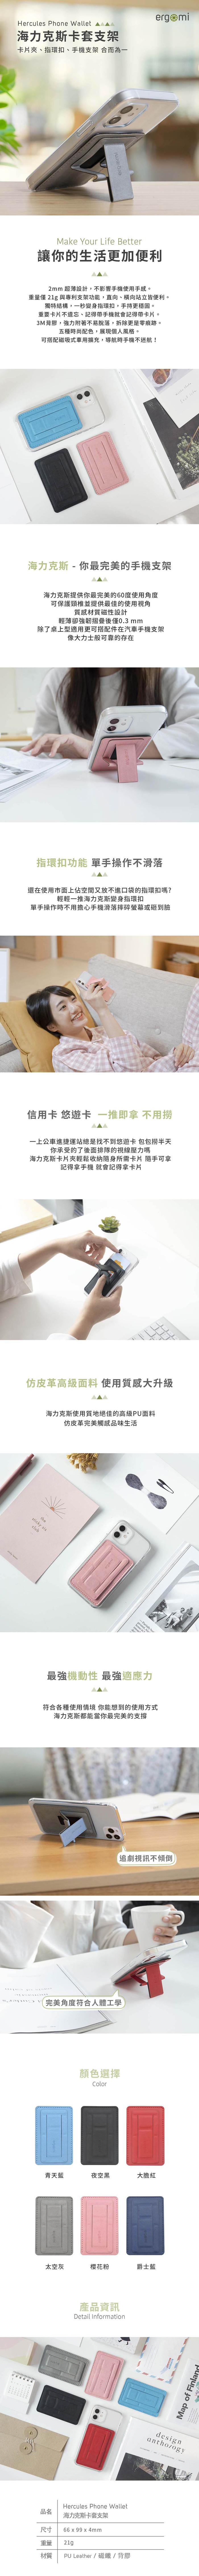 ergomi|海力克斯手機支架 (卡套支架/環套支架兩款任選2入合購組)